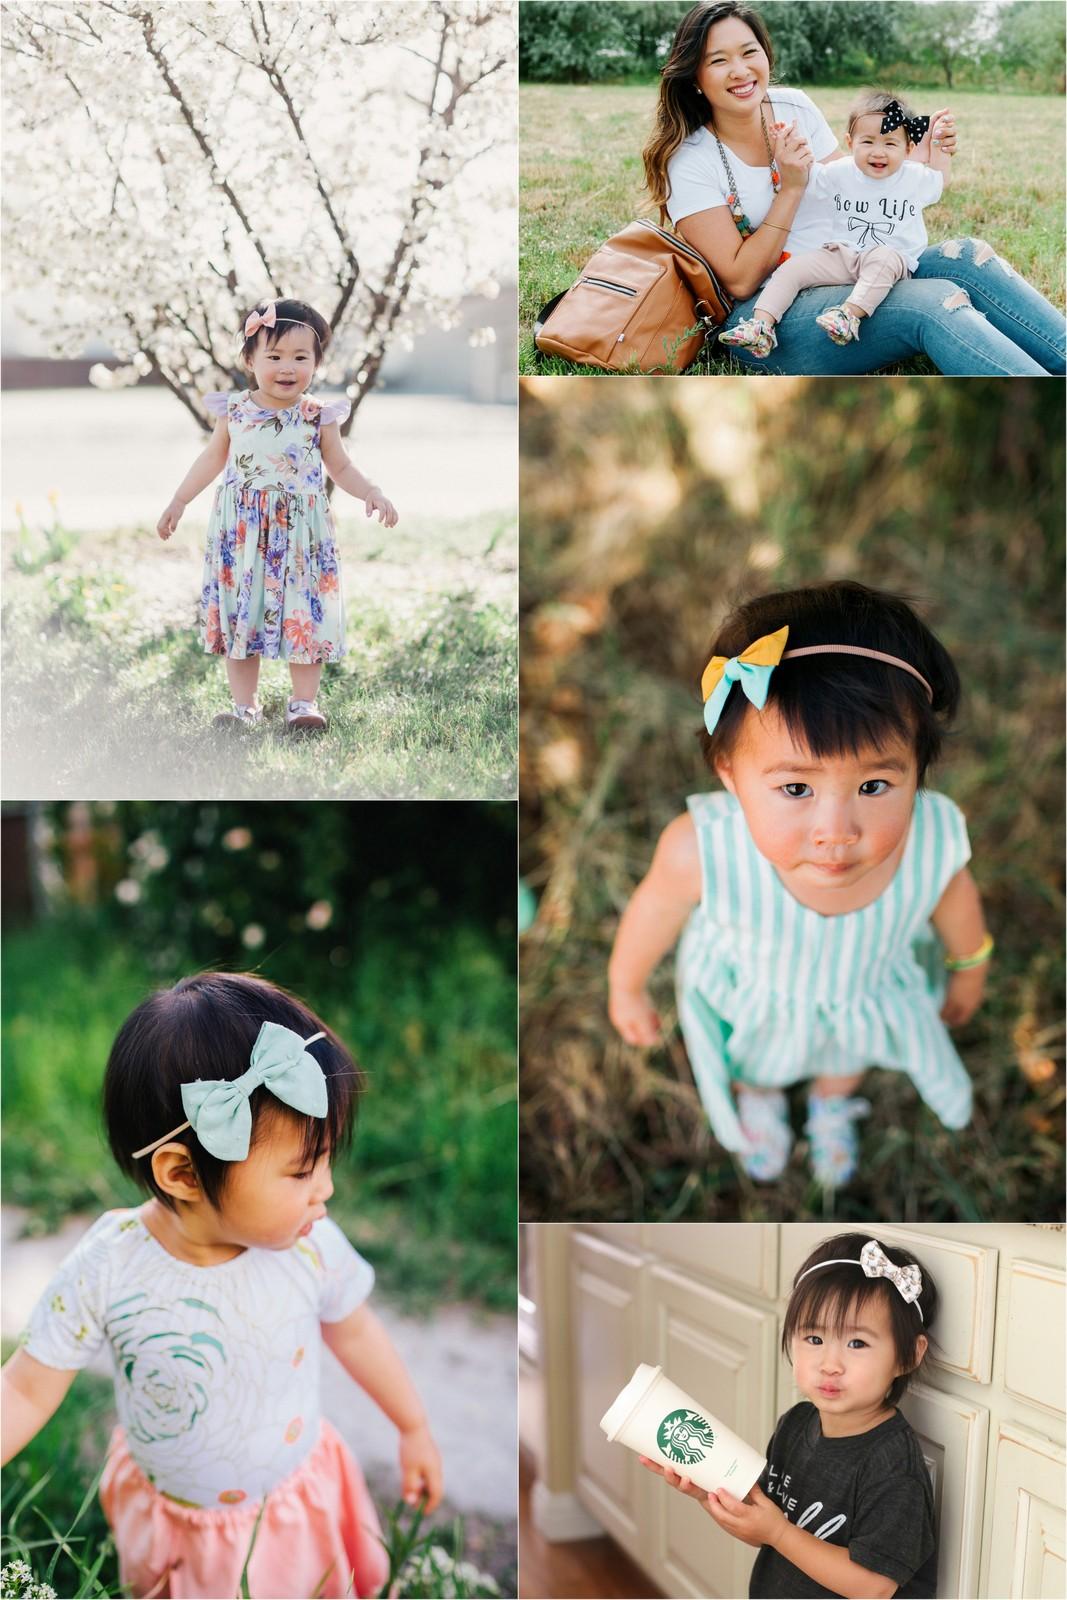 girl air accessories: bows